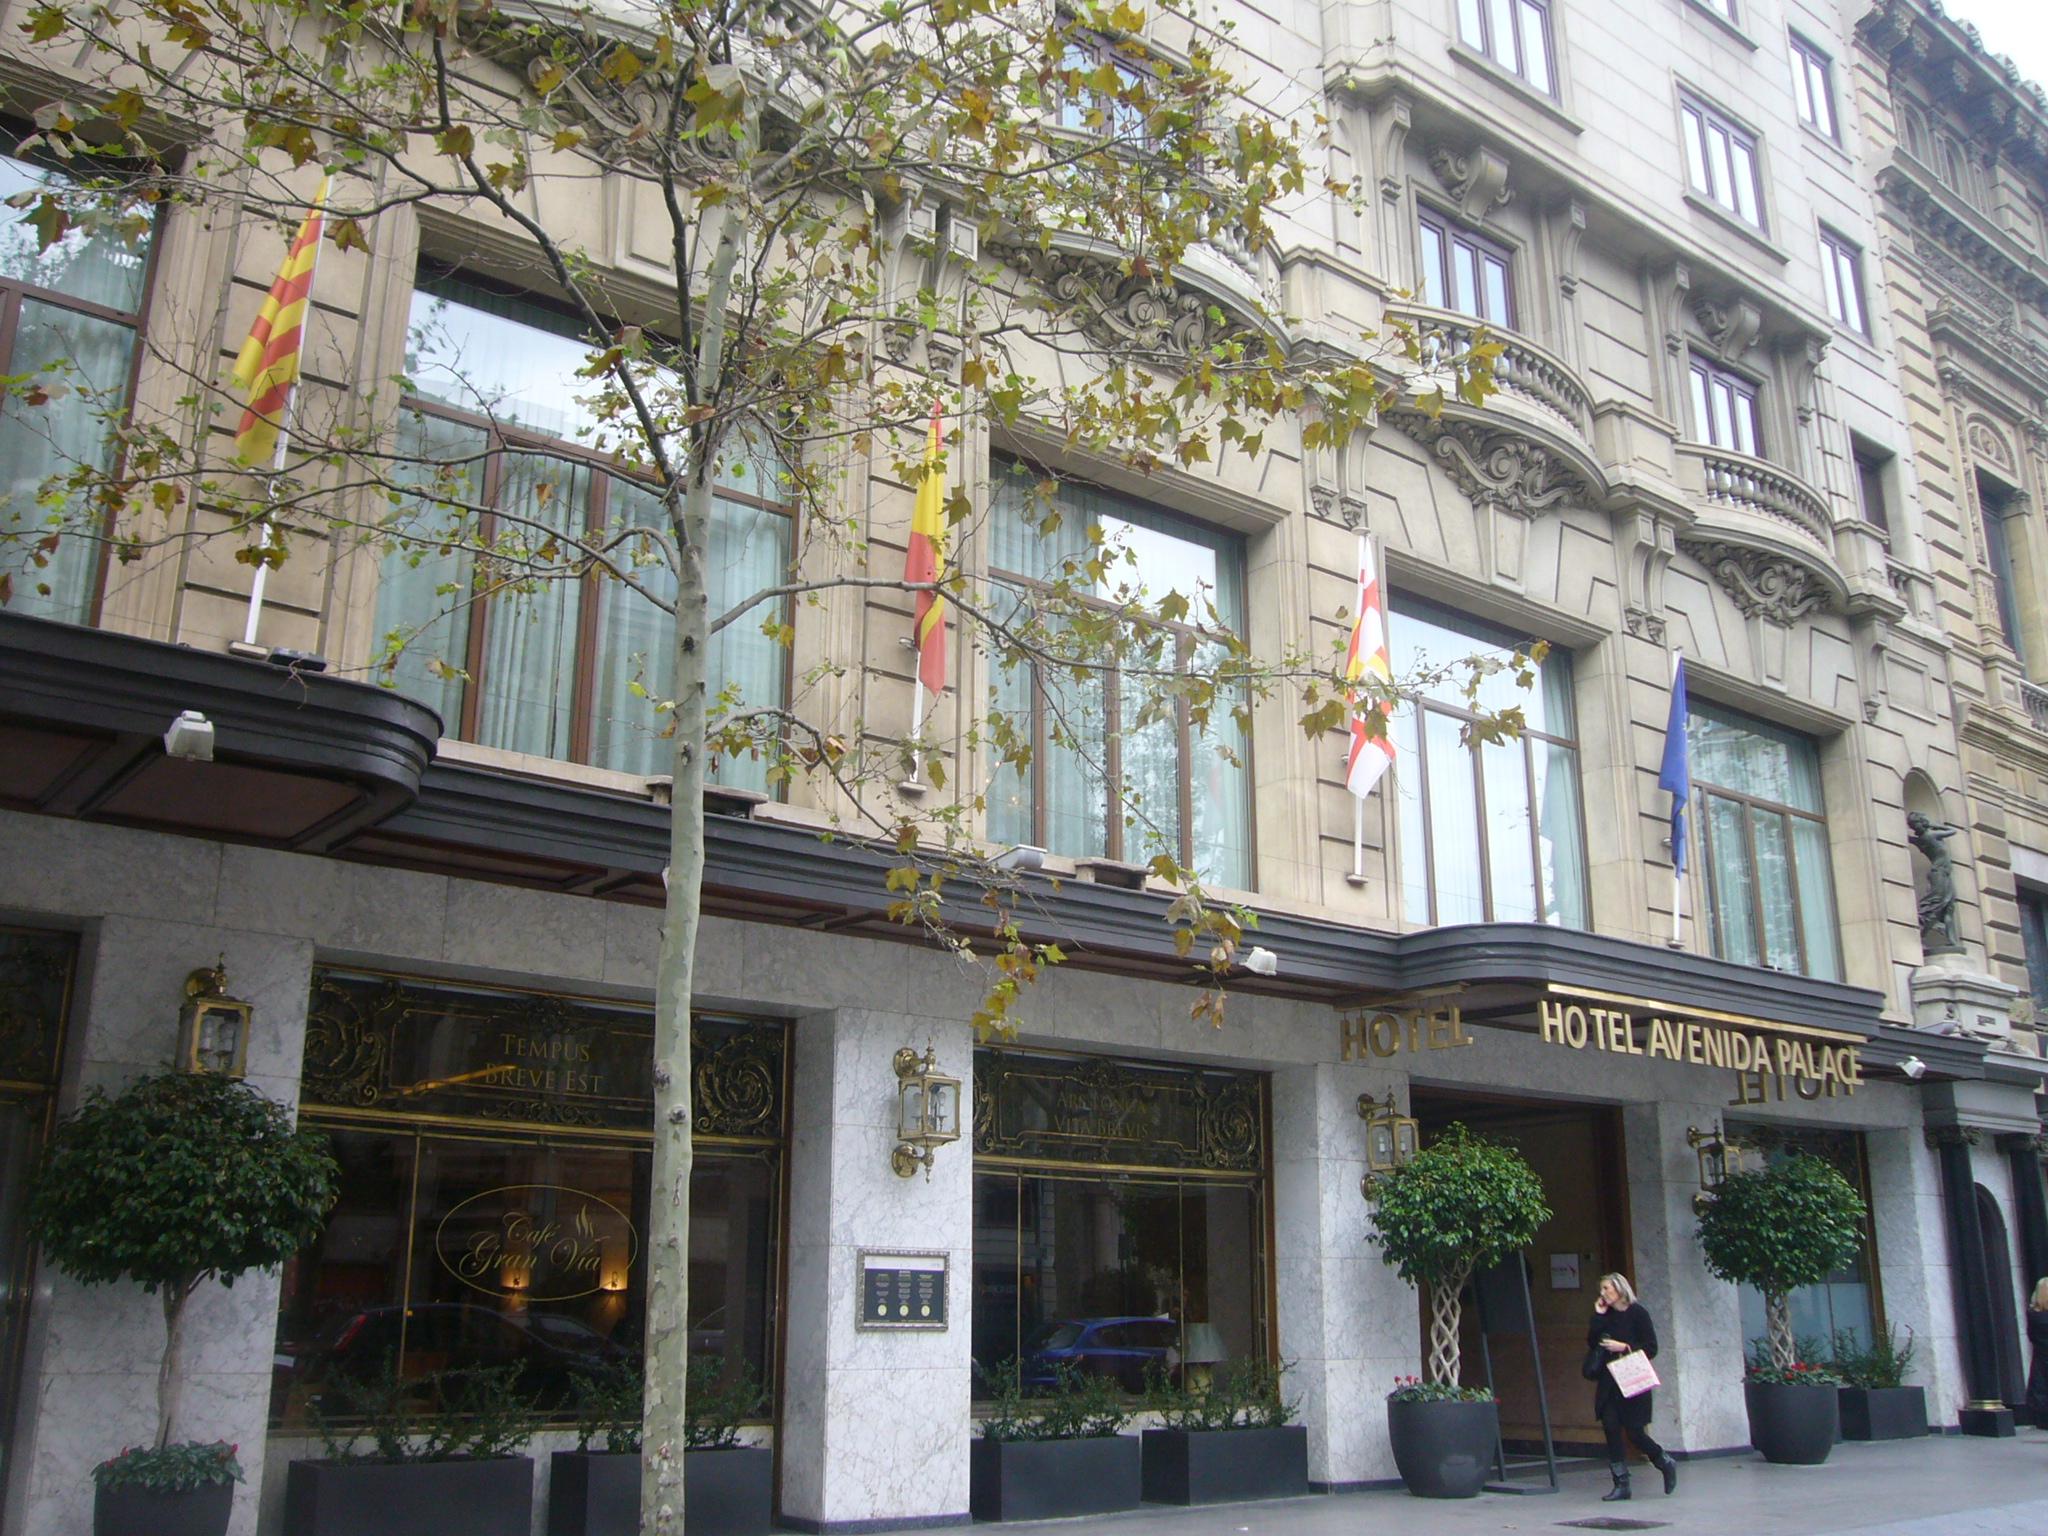 Hotel El Avenida Palace Barcelona